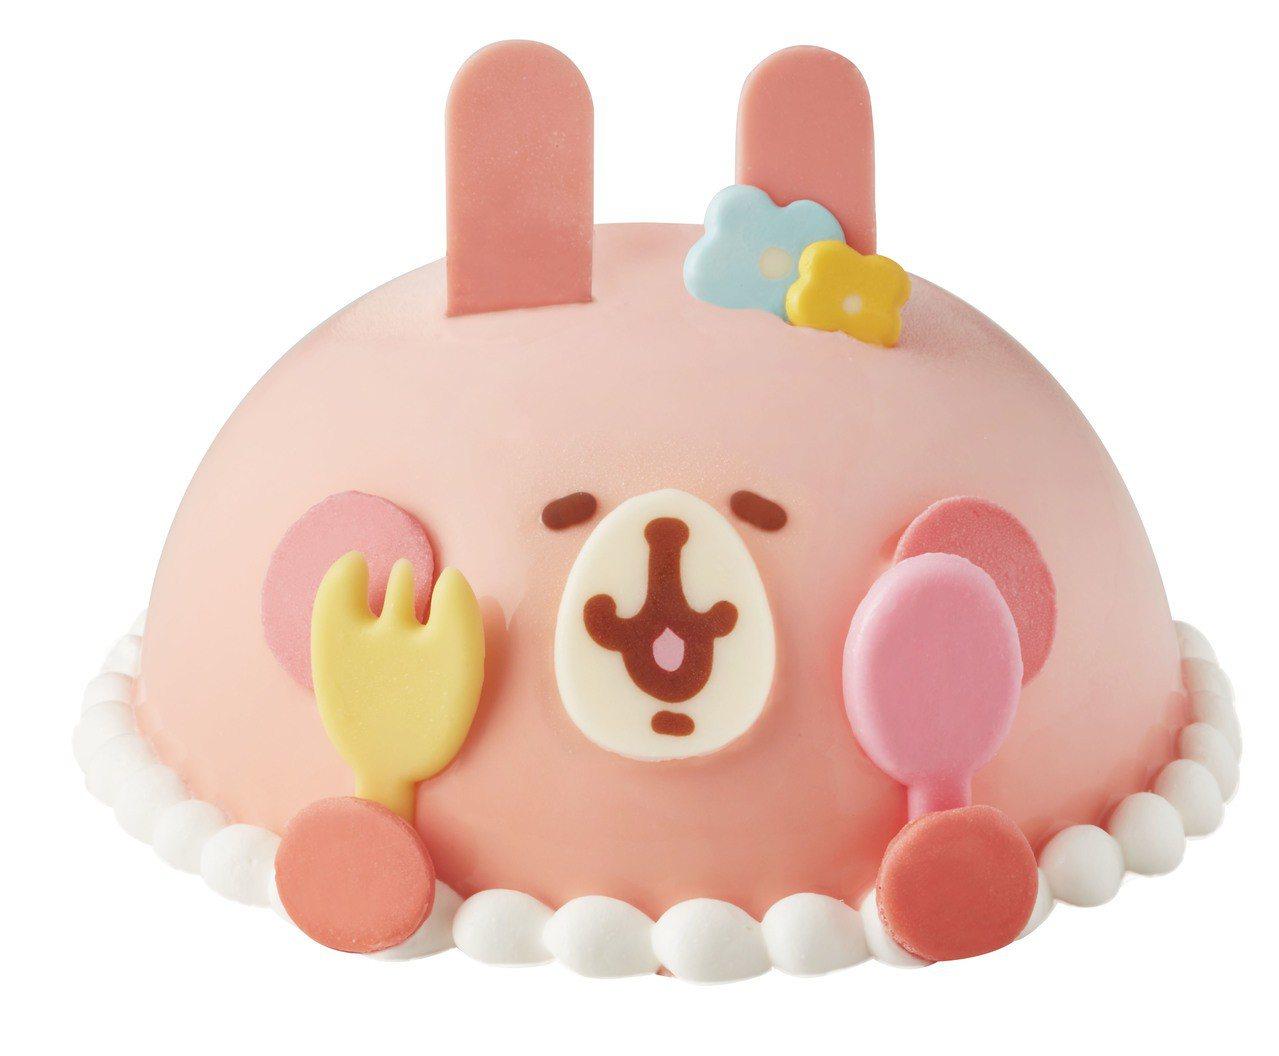 三貝多卡娜赫拉粉紅兔兔只愛媽咪聯名款冰淇淋蛋糕,售價1,480元。圖/7-ELE...